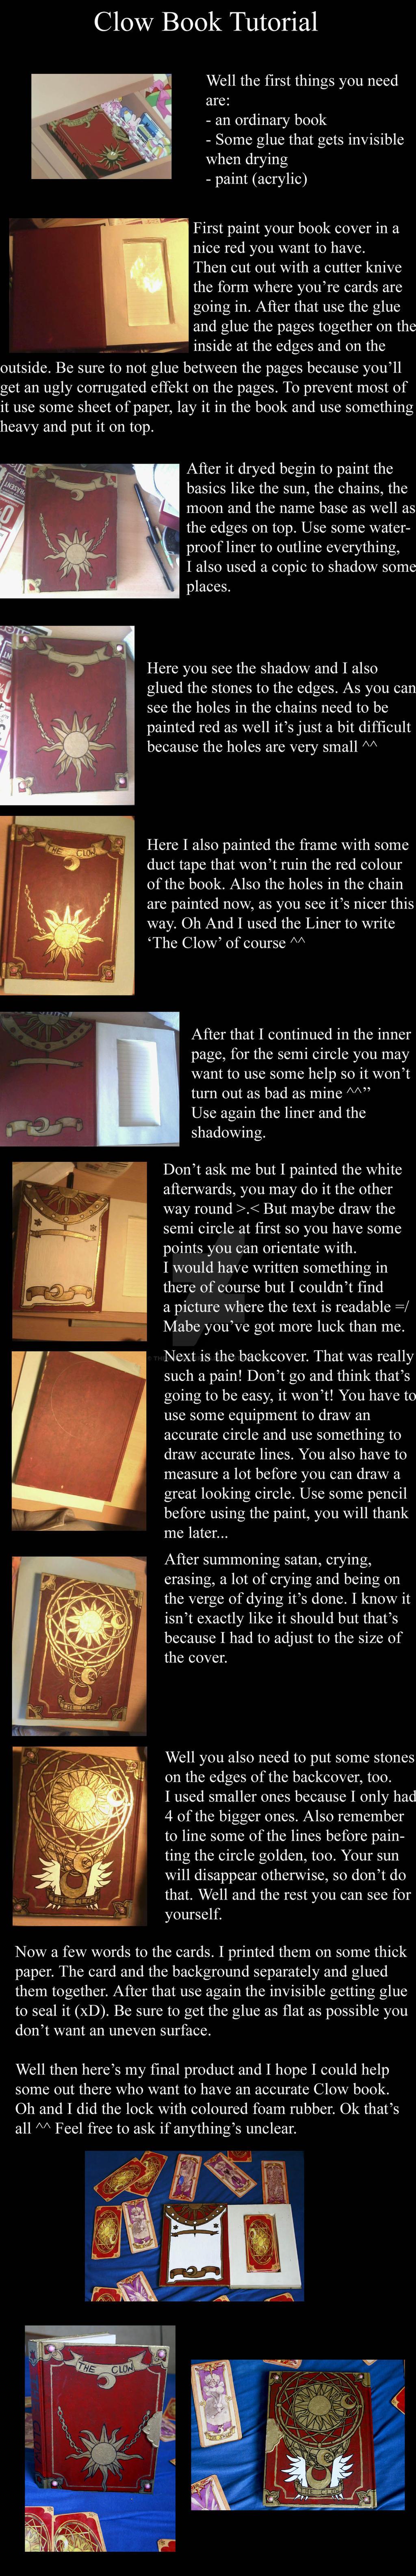 Clow book tutorial by ThemisValvernis